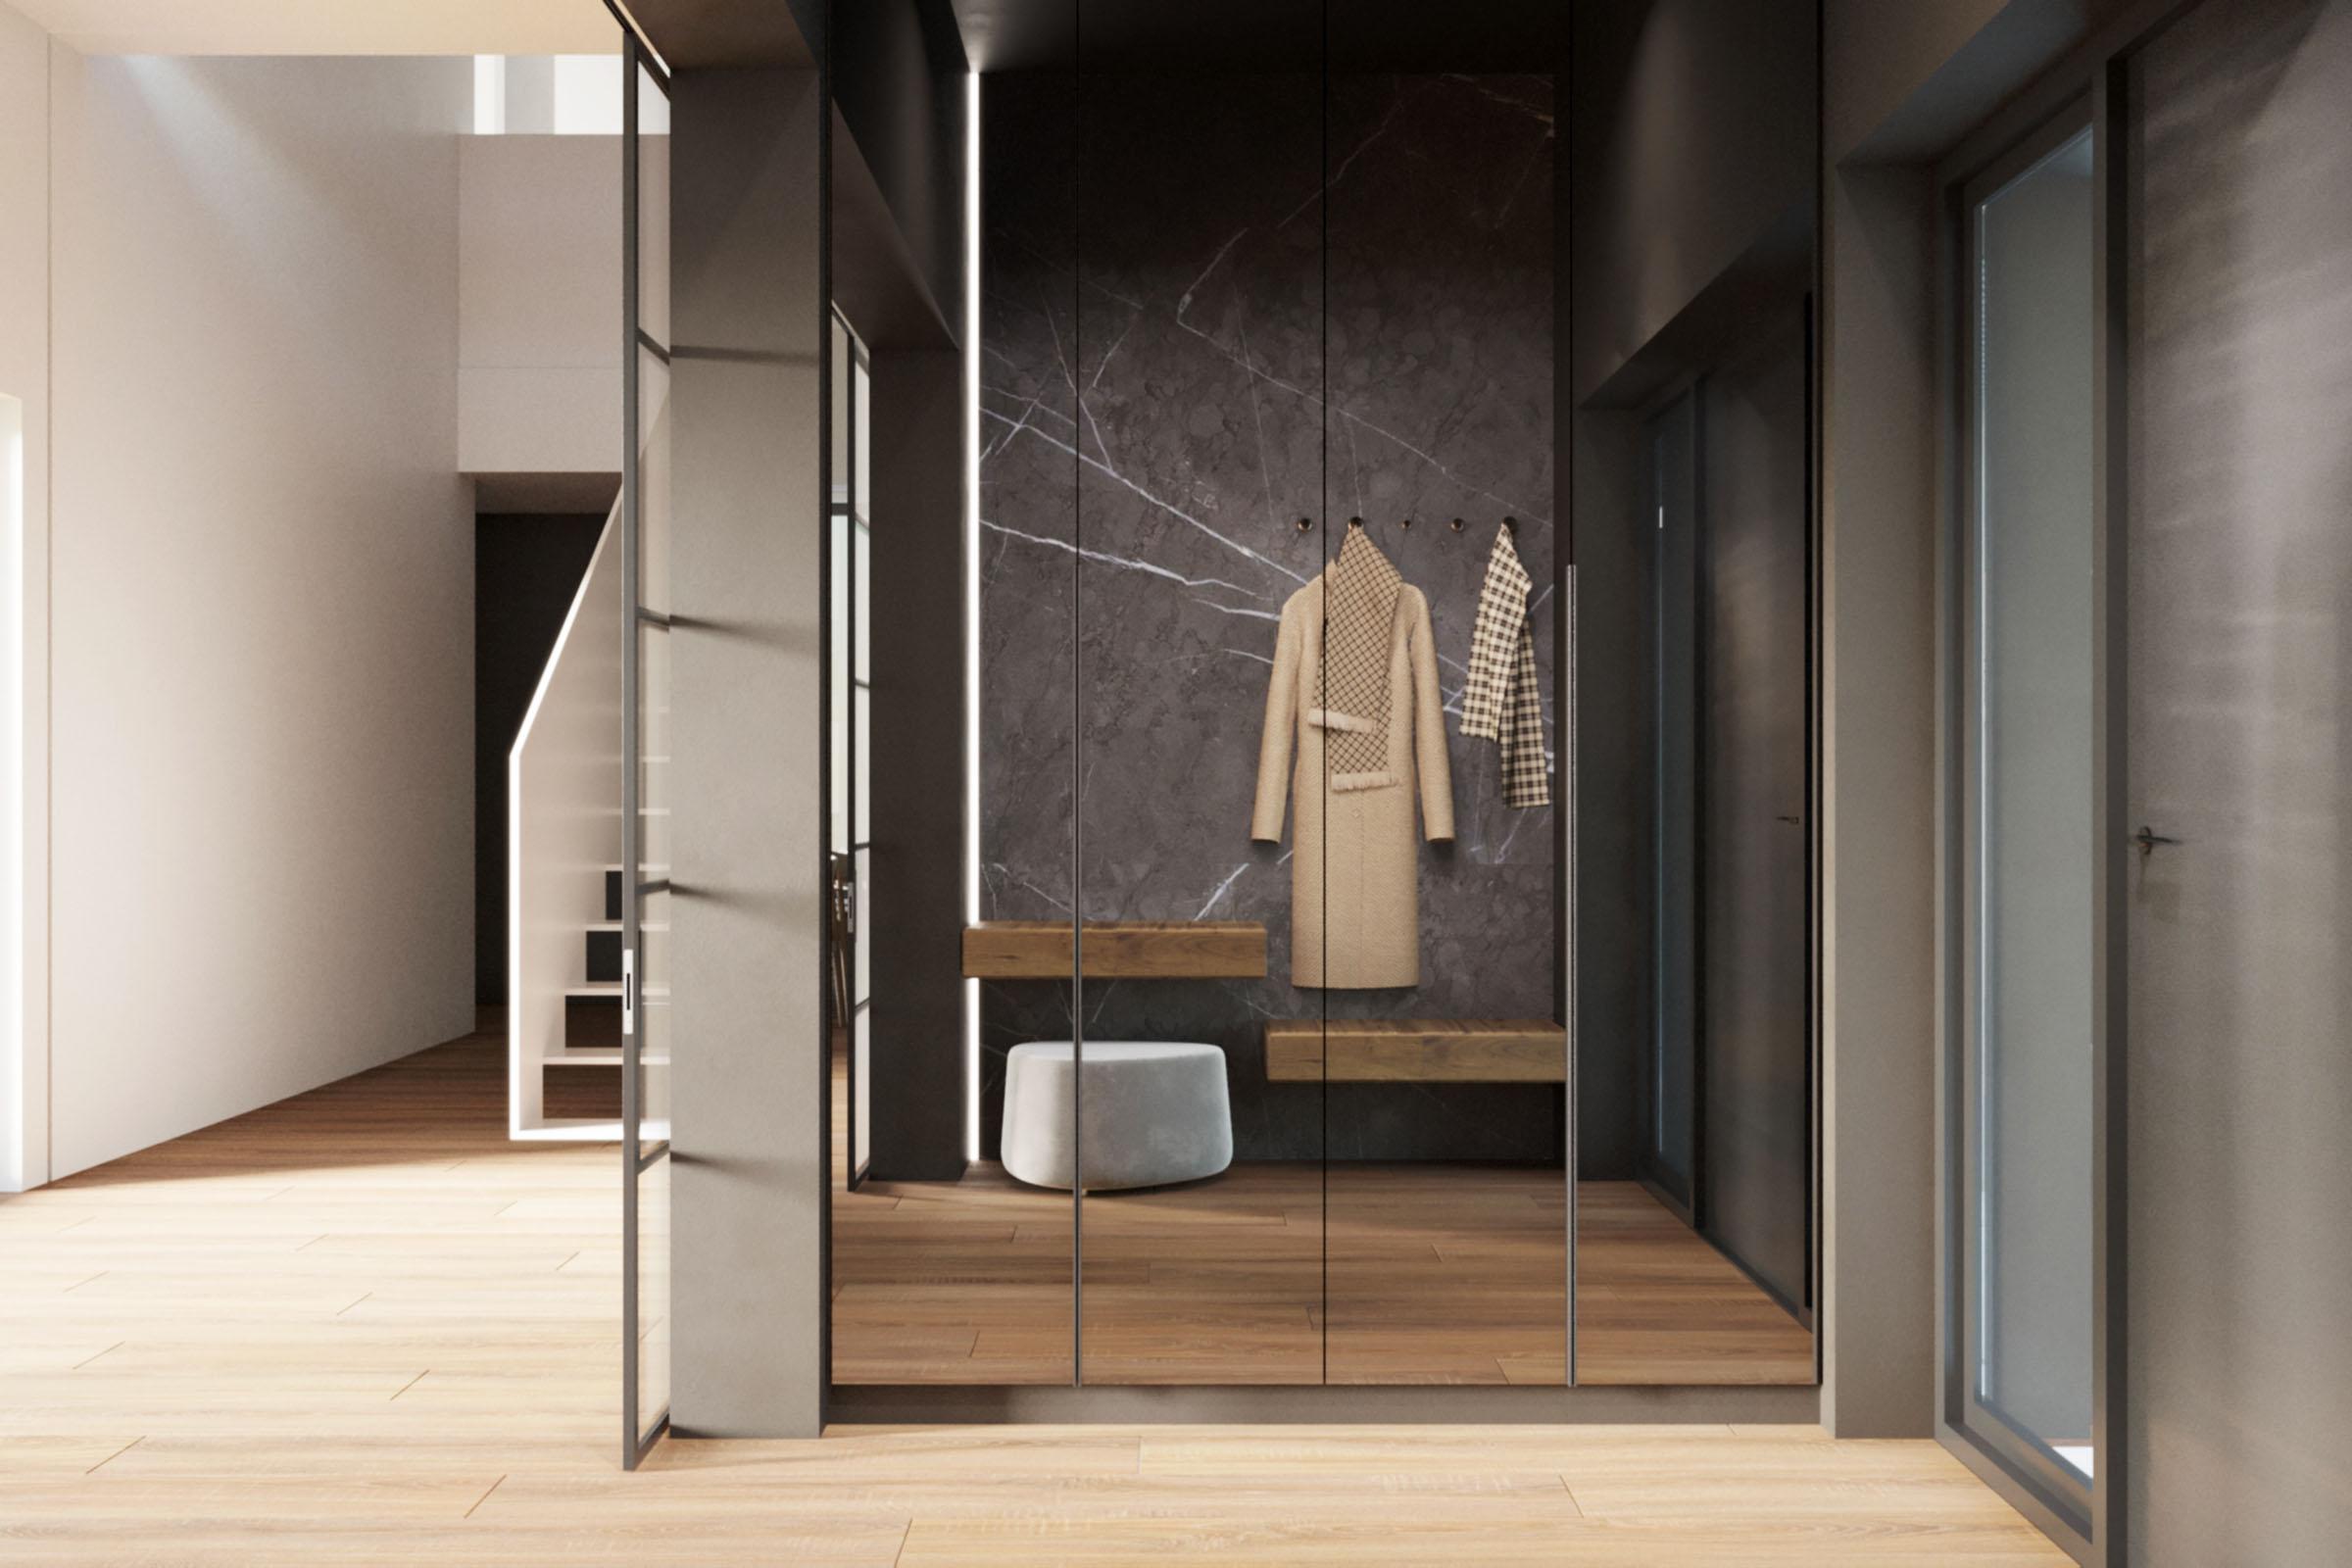 nowoczesny proejkt wnętrza domu architektura ciążkowski